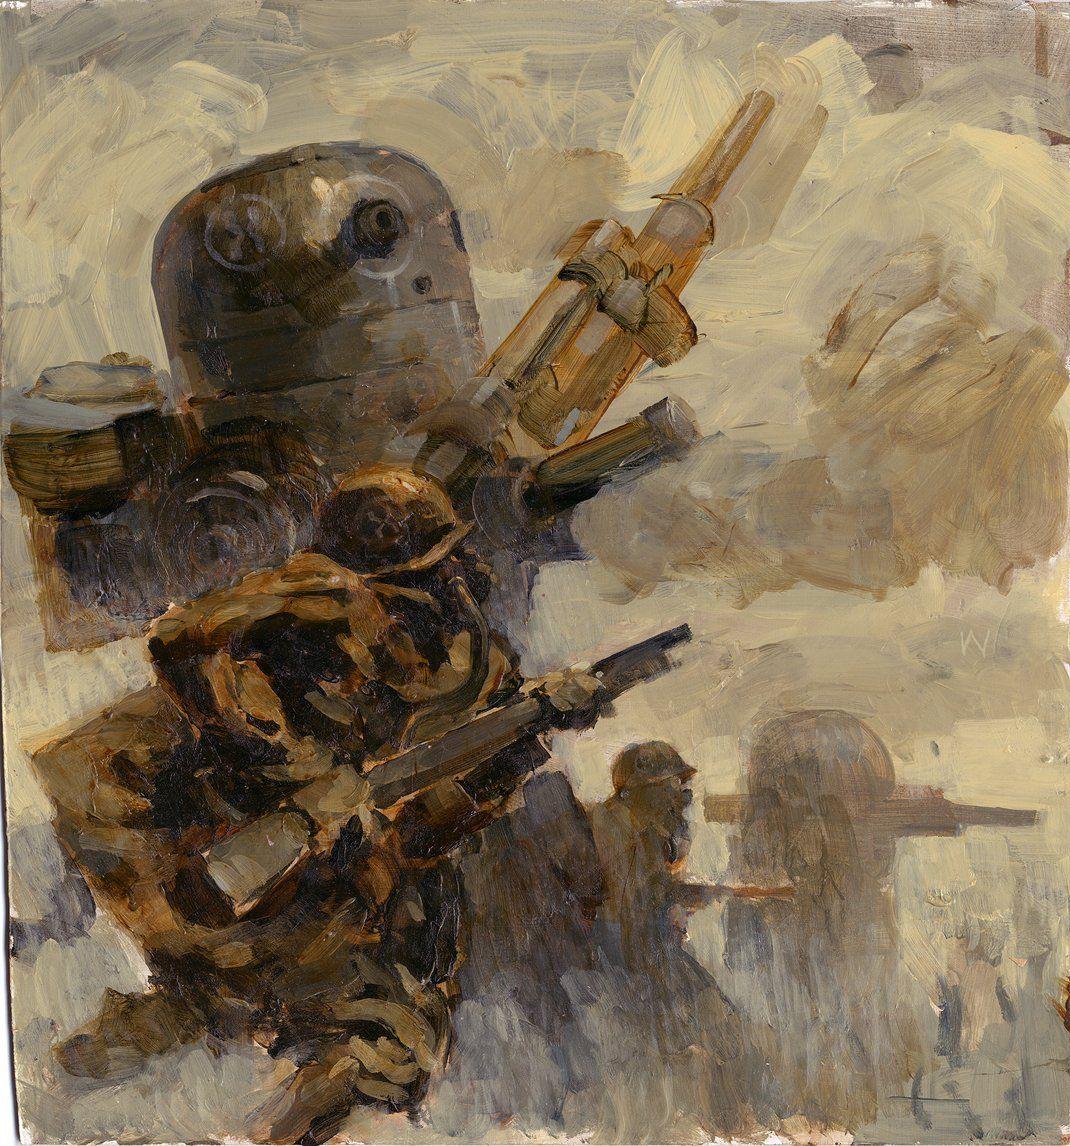 Ashley Wood Zombies vs Robots | Google und Bing finden folgende Bilder zu WORLD WAR ROBOT